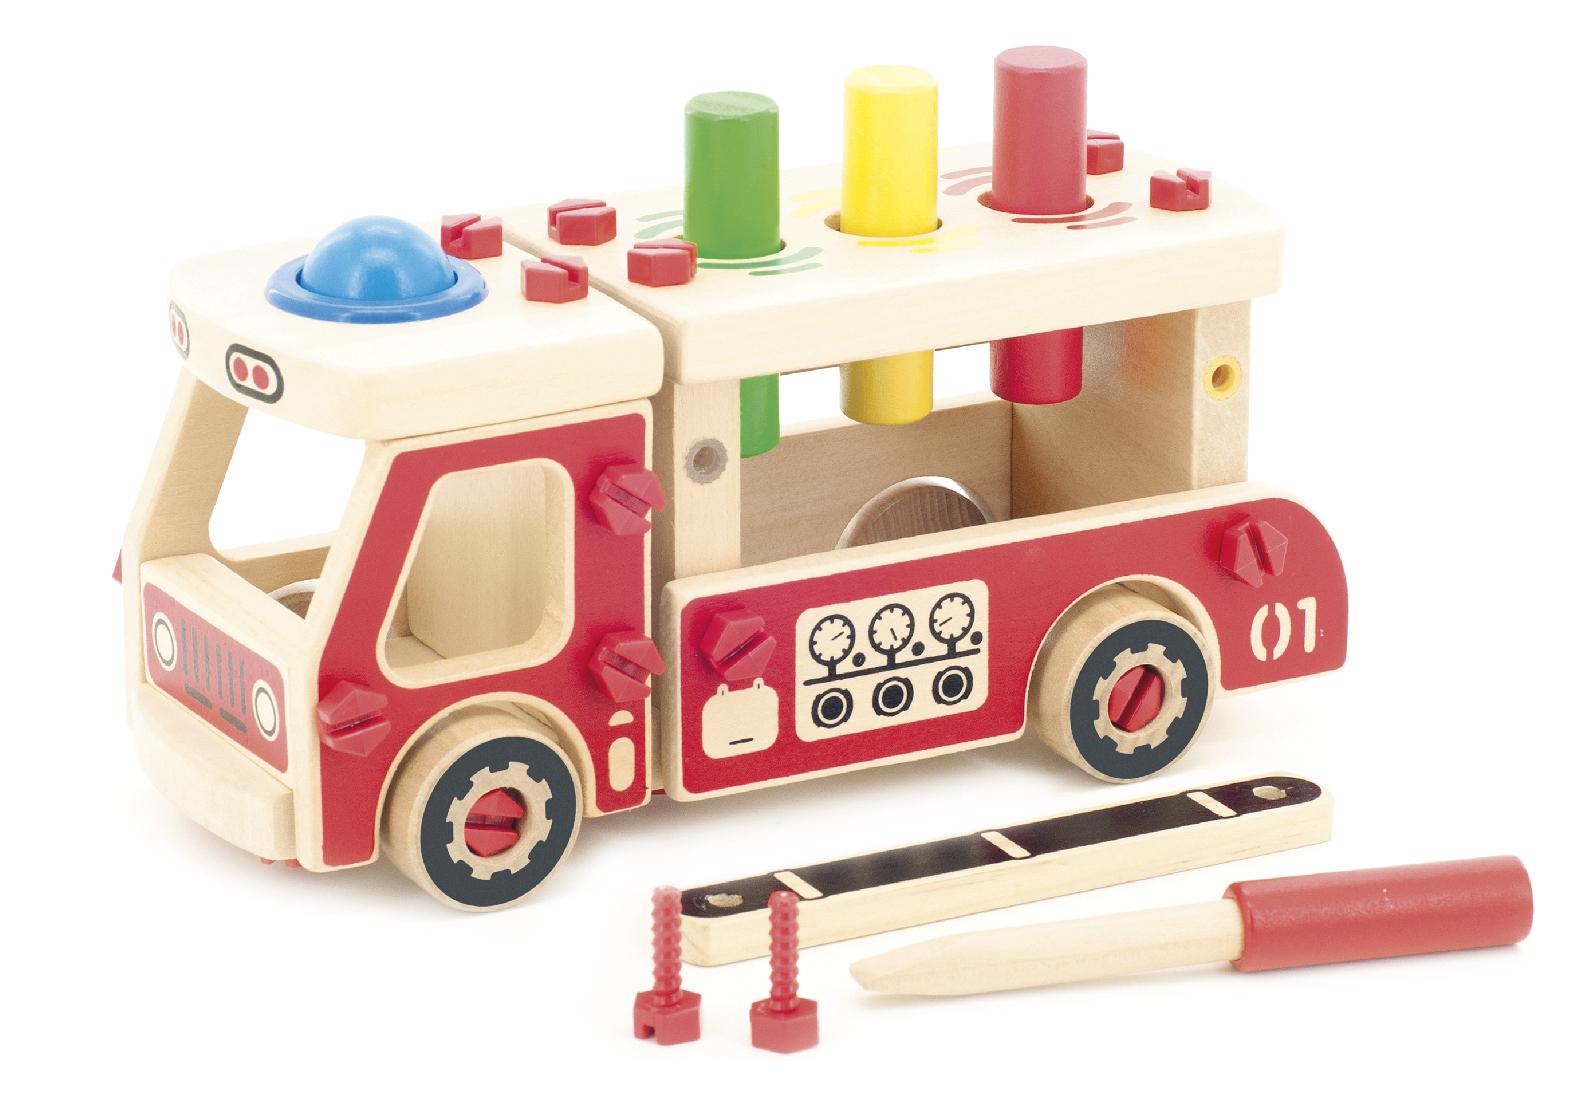 Конструктор Машина (МДИ) - Конструирование - это процесс, который всегда привлекает мальчишек, а машины - страсть любого маленького (да и большого) мужчины. В этой игрушке объединены обе эти склонности!